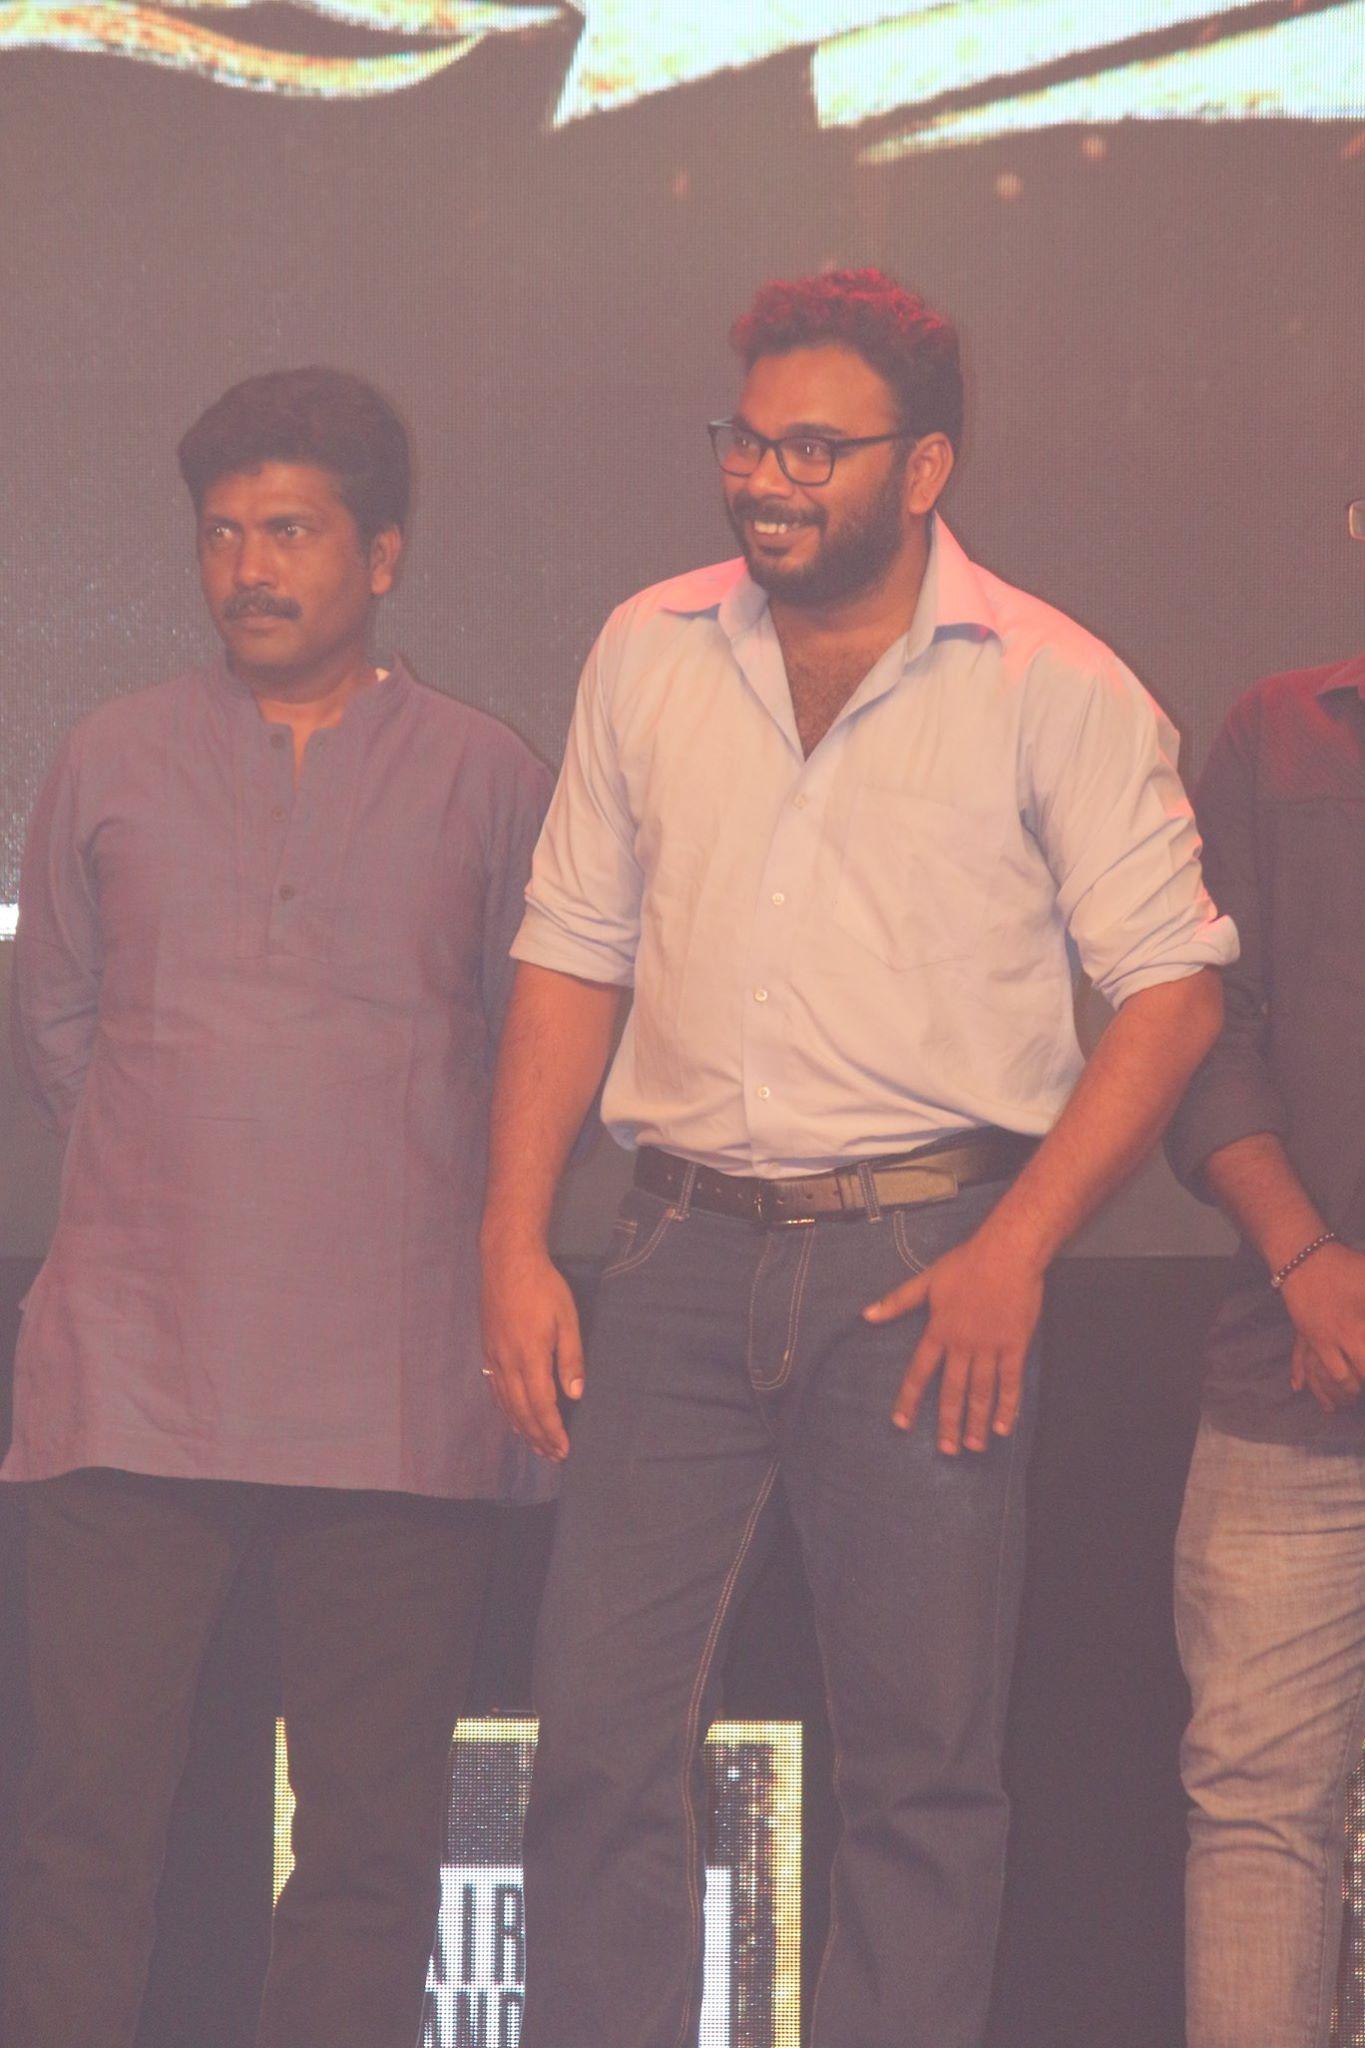 'ஸ்மைல் சேட்டை' நடத்திய 'Desi Awards 2017' போட்டோஸ்..!